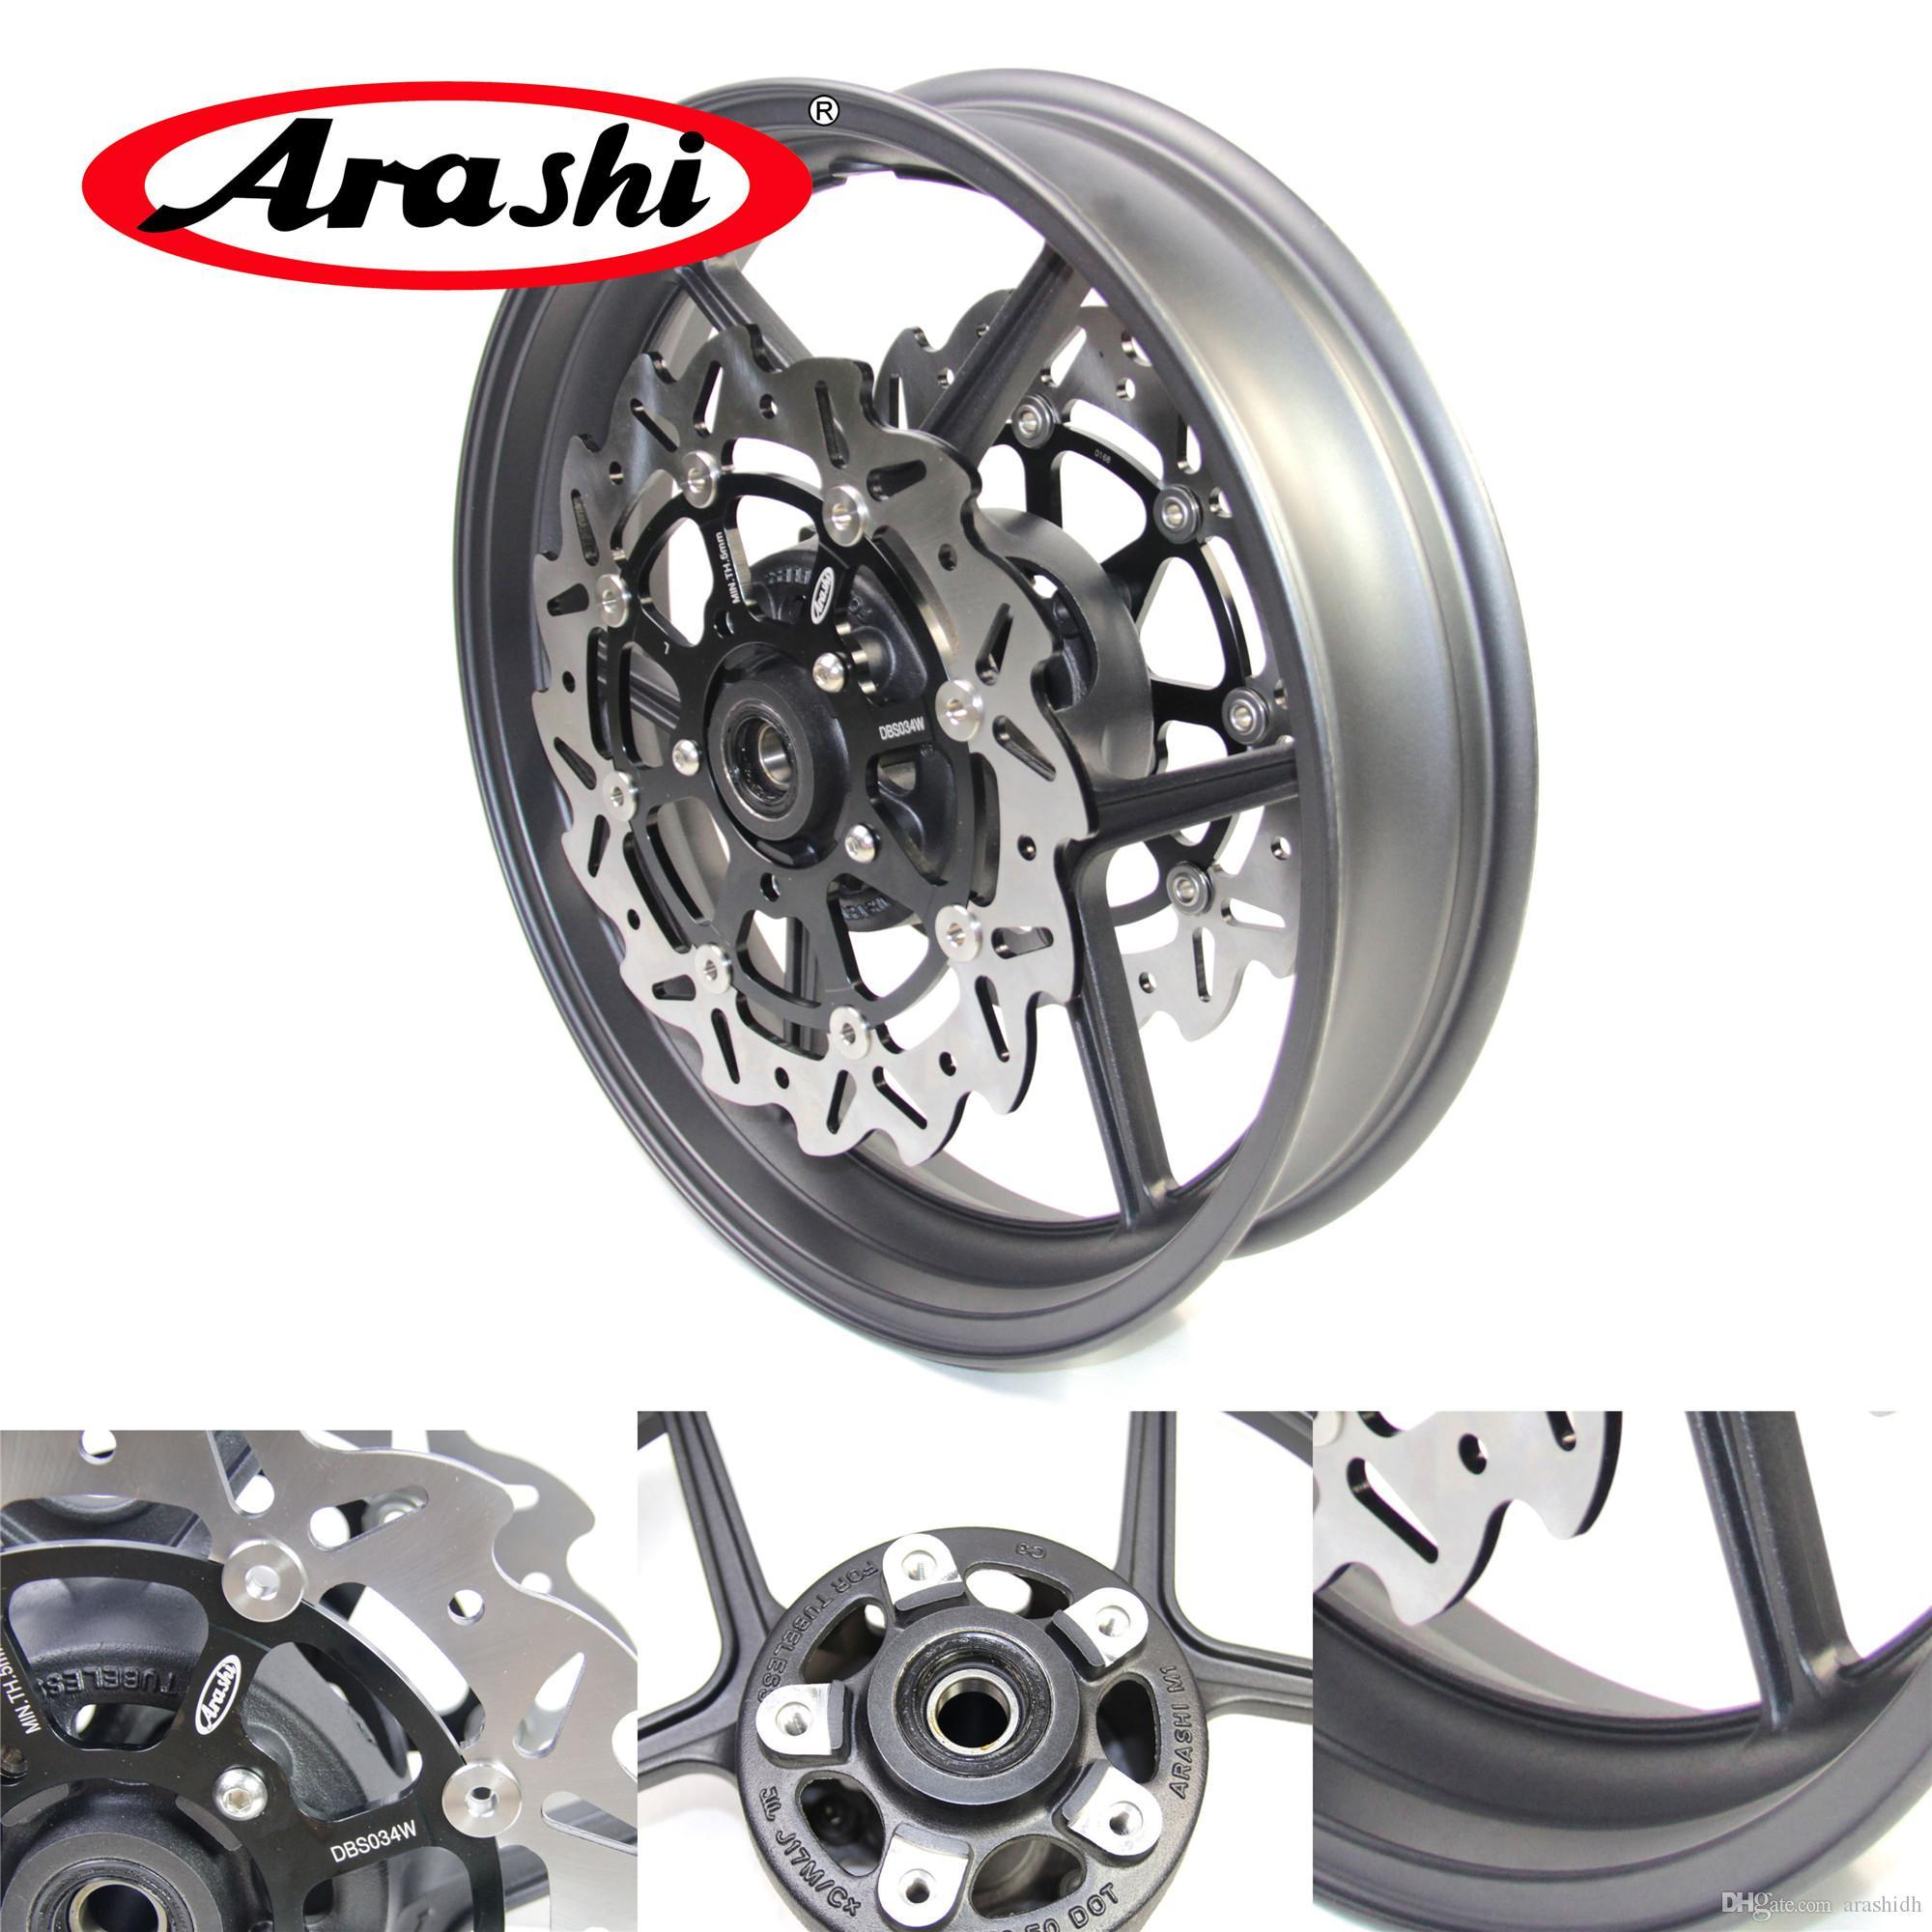 Arashi Für Kawasaki Ninja Zx10r 2004 2005 Vorderrad Bremsscheibe Bremsscheibe Er 6n Er6n Zx 10r Z750